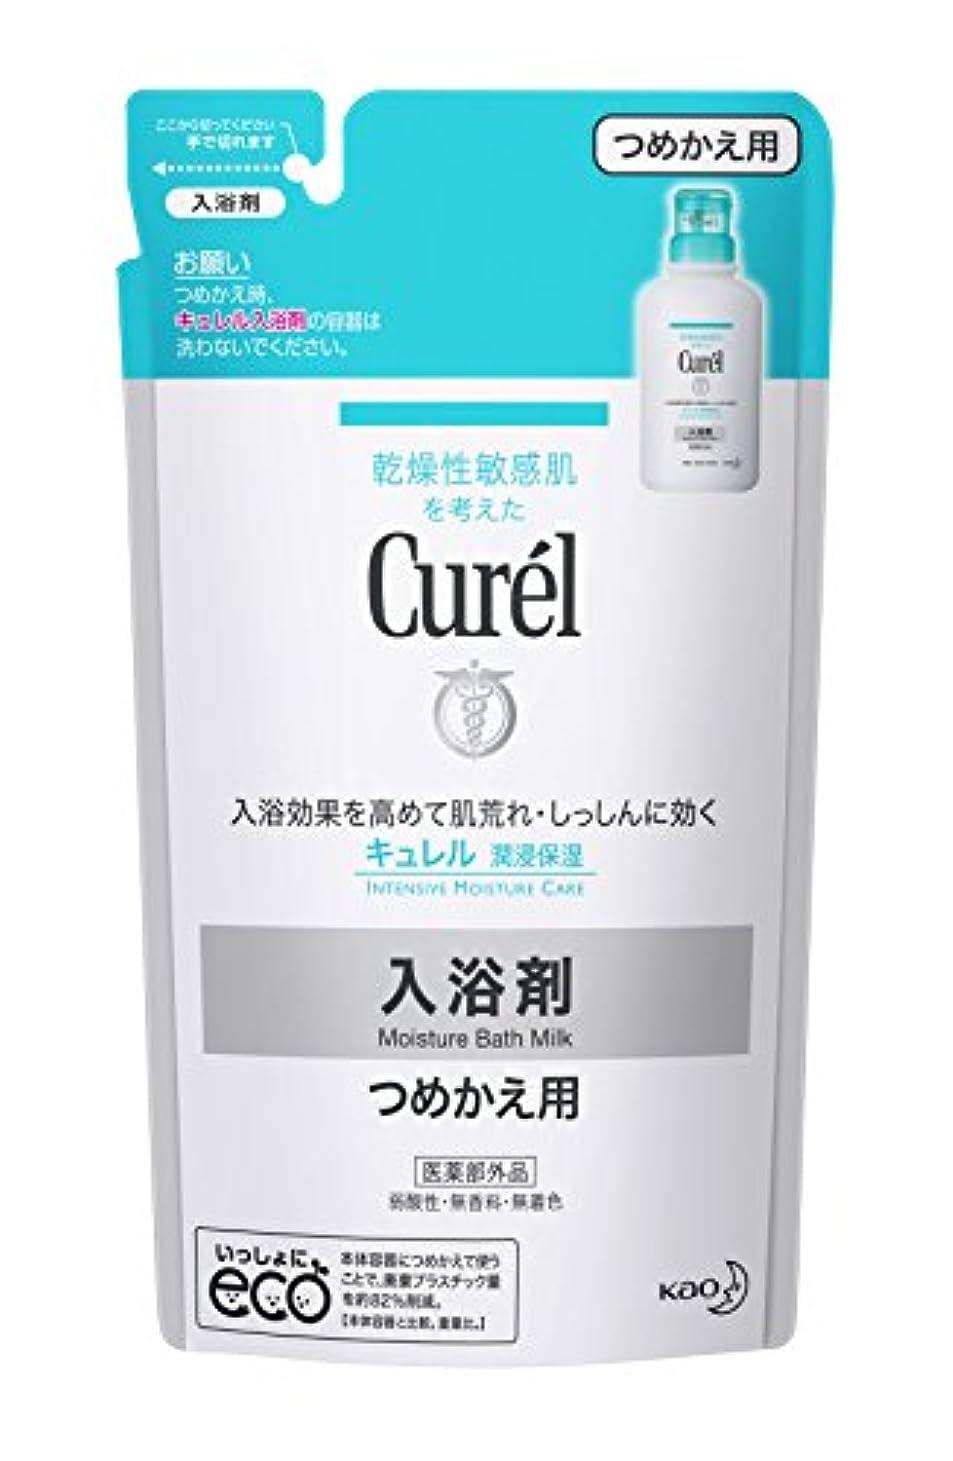 アーサーコナンドイル常にあるキュレル 入浴剤 つめかえ用 360ml(赤ちゃんにも使えます)